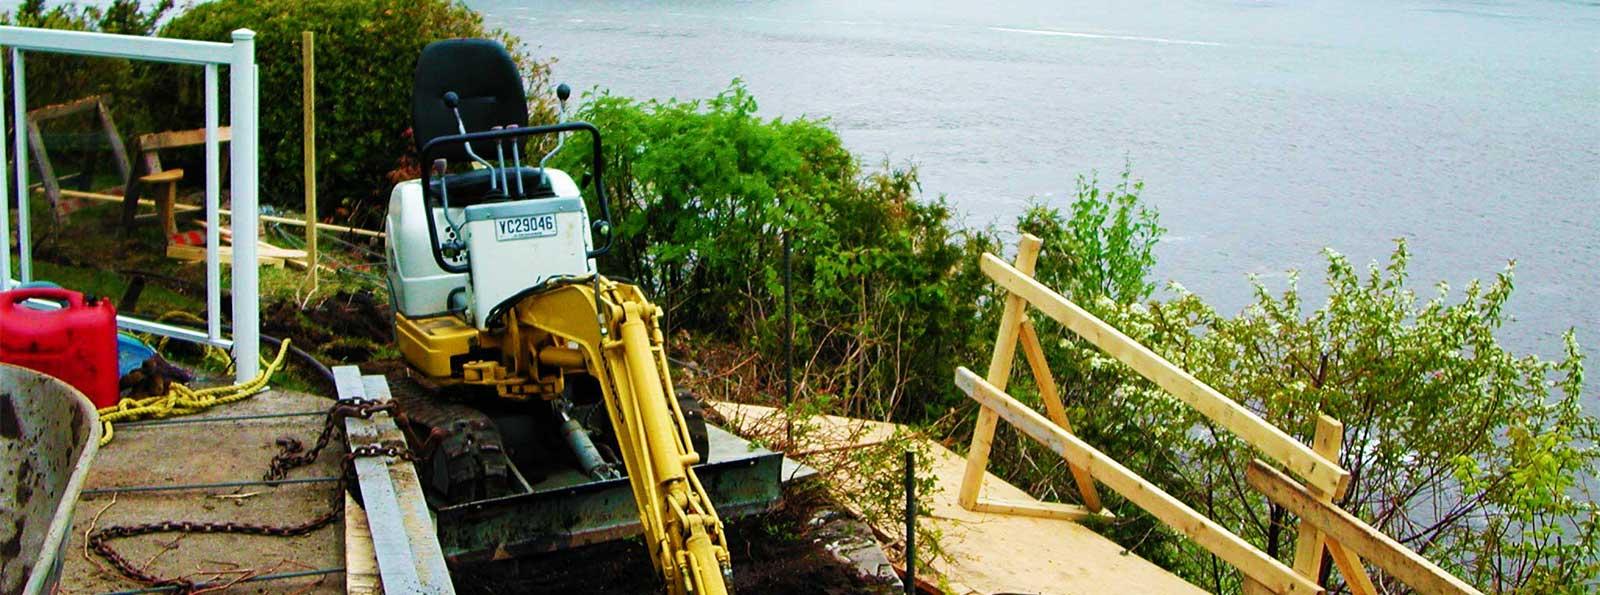 Excavation en terrain accidenté